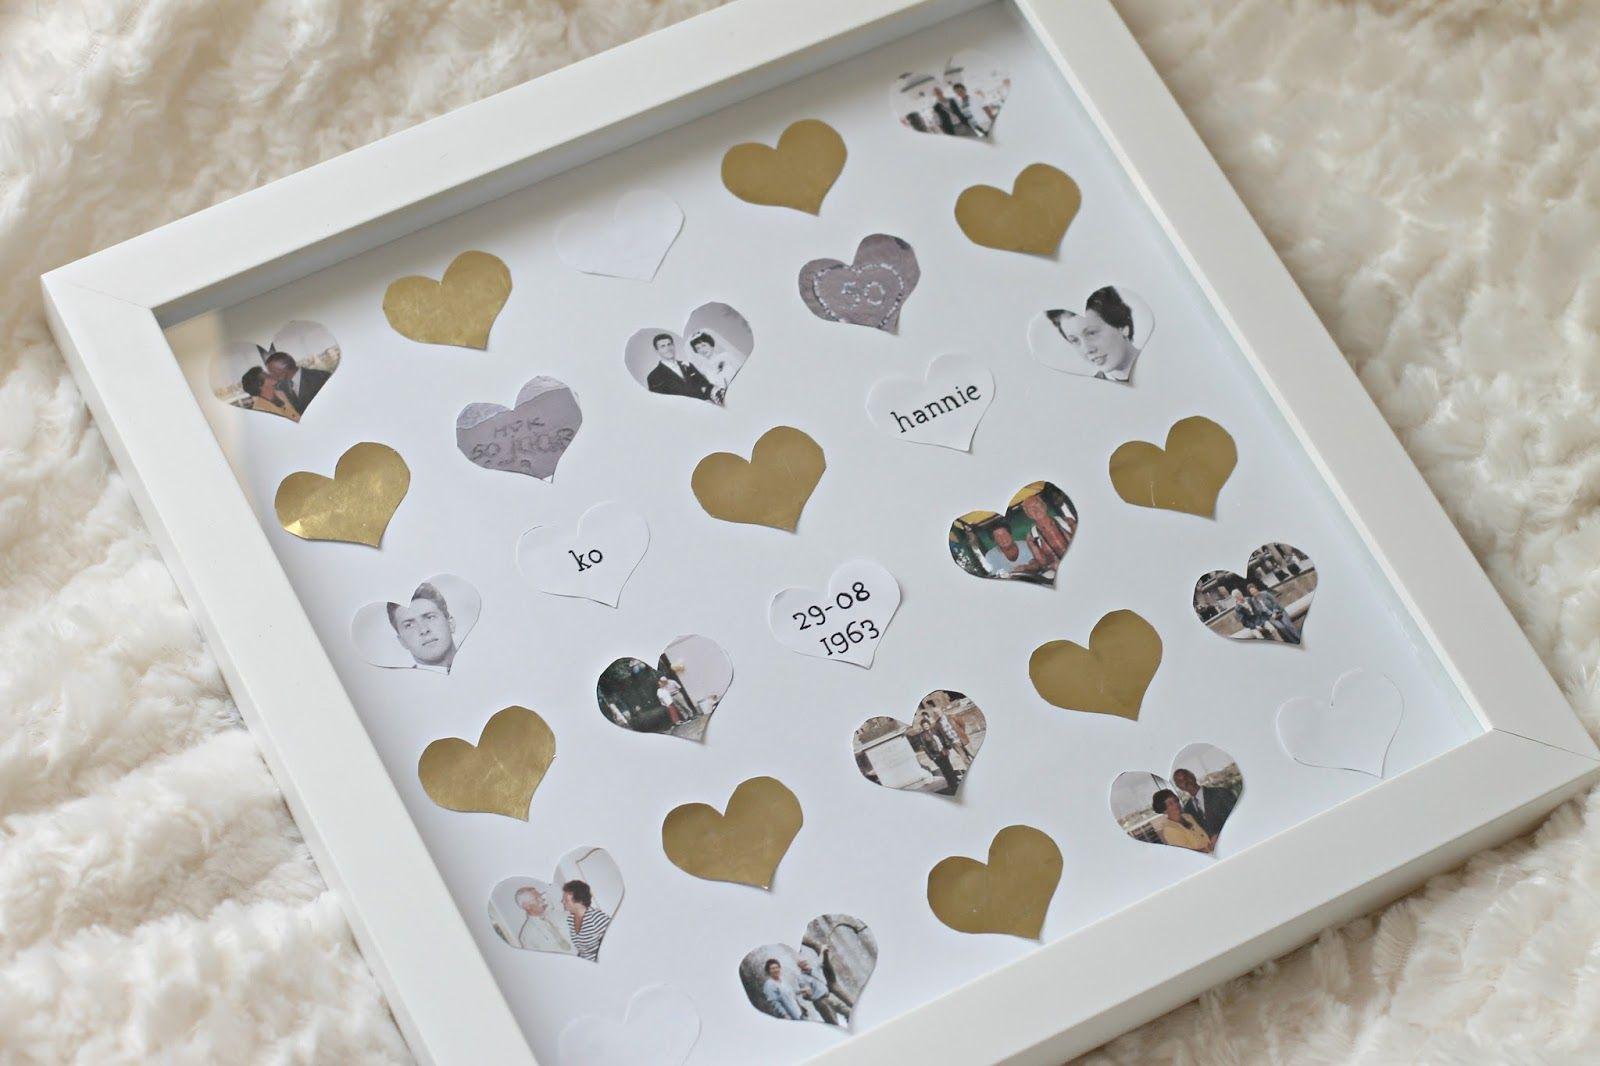 leuke ideeen voor 25 jarig huwelijk Afbeeldingsresultaat voor 50 jarig huwelijk ideeen | feest | Pinterest leuke ideeen voor 25 jarig huwelijk